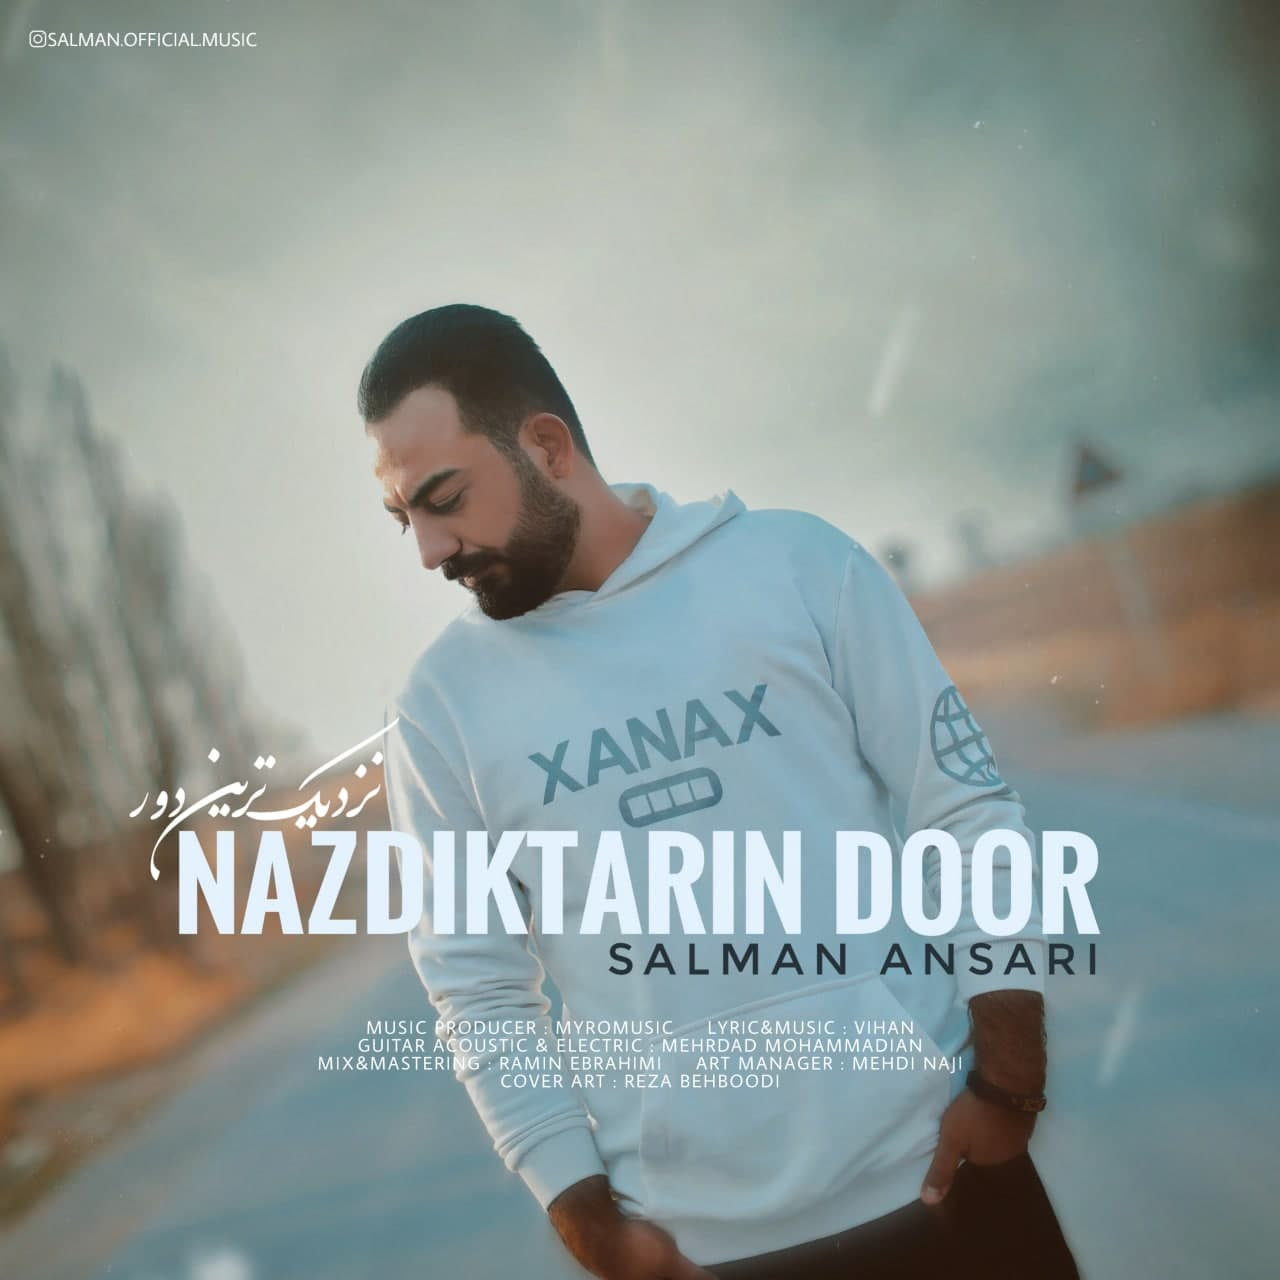 دانلود موزیک جدید سلمان انصاری نزدیکترین دور